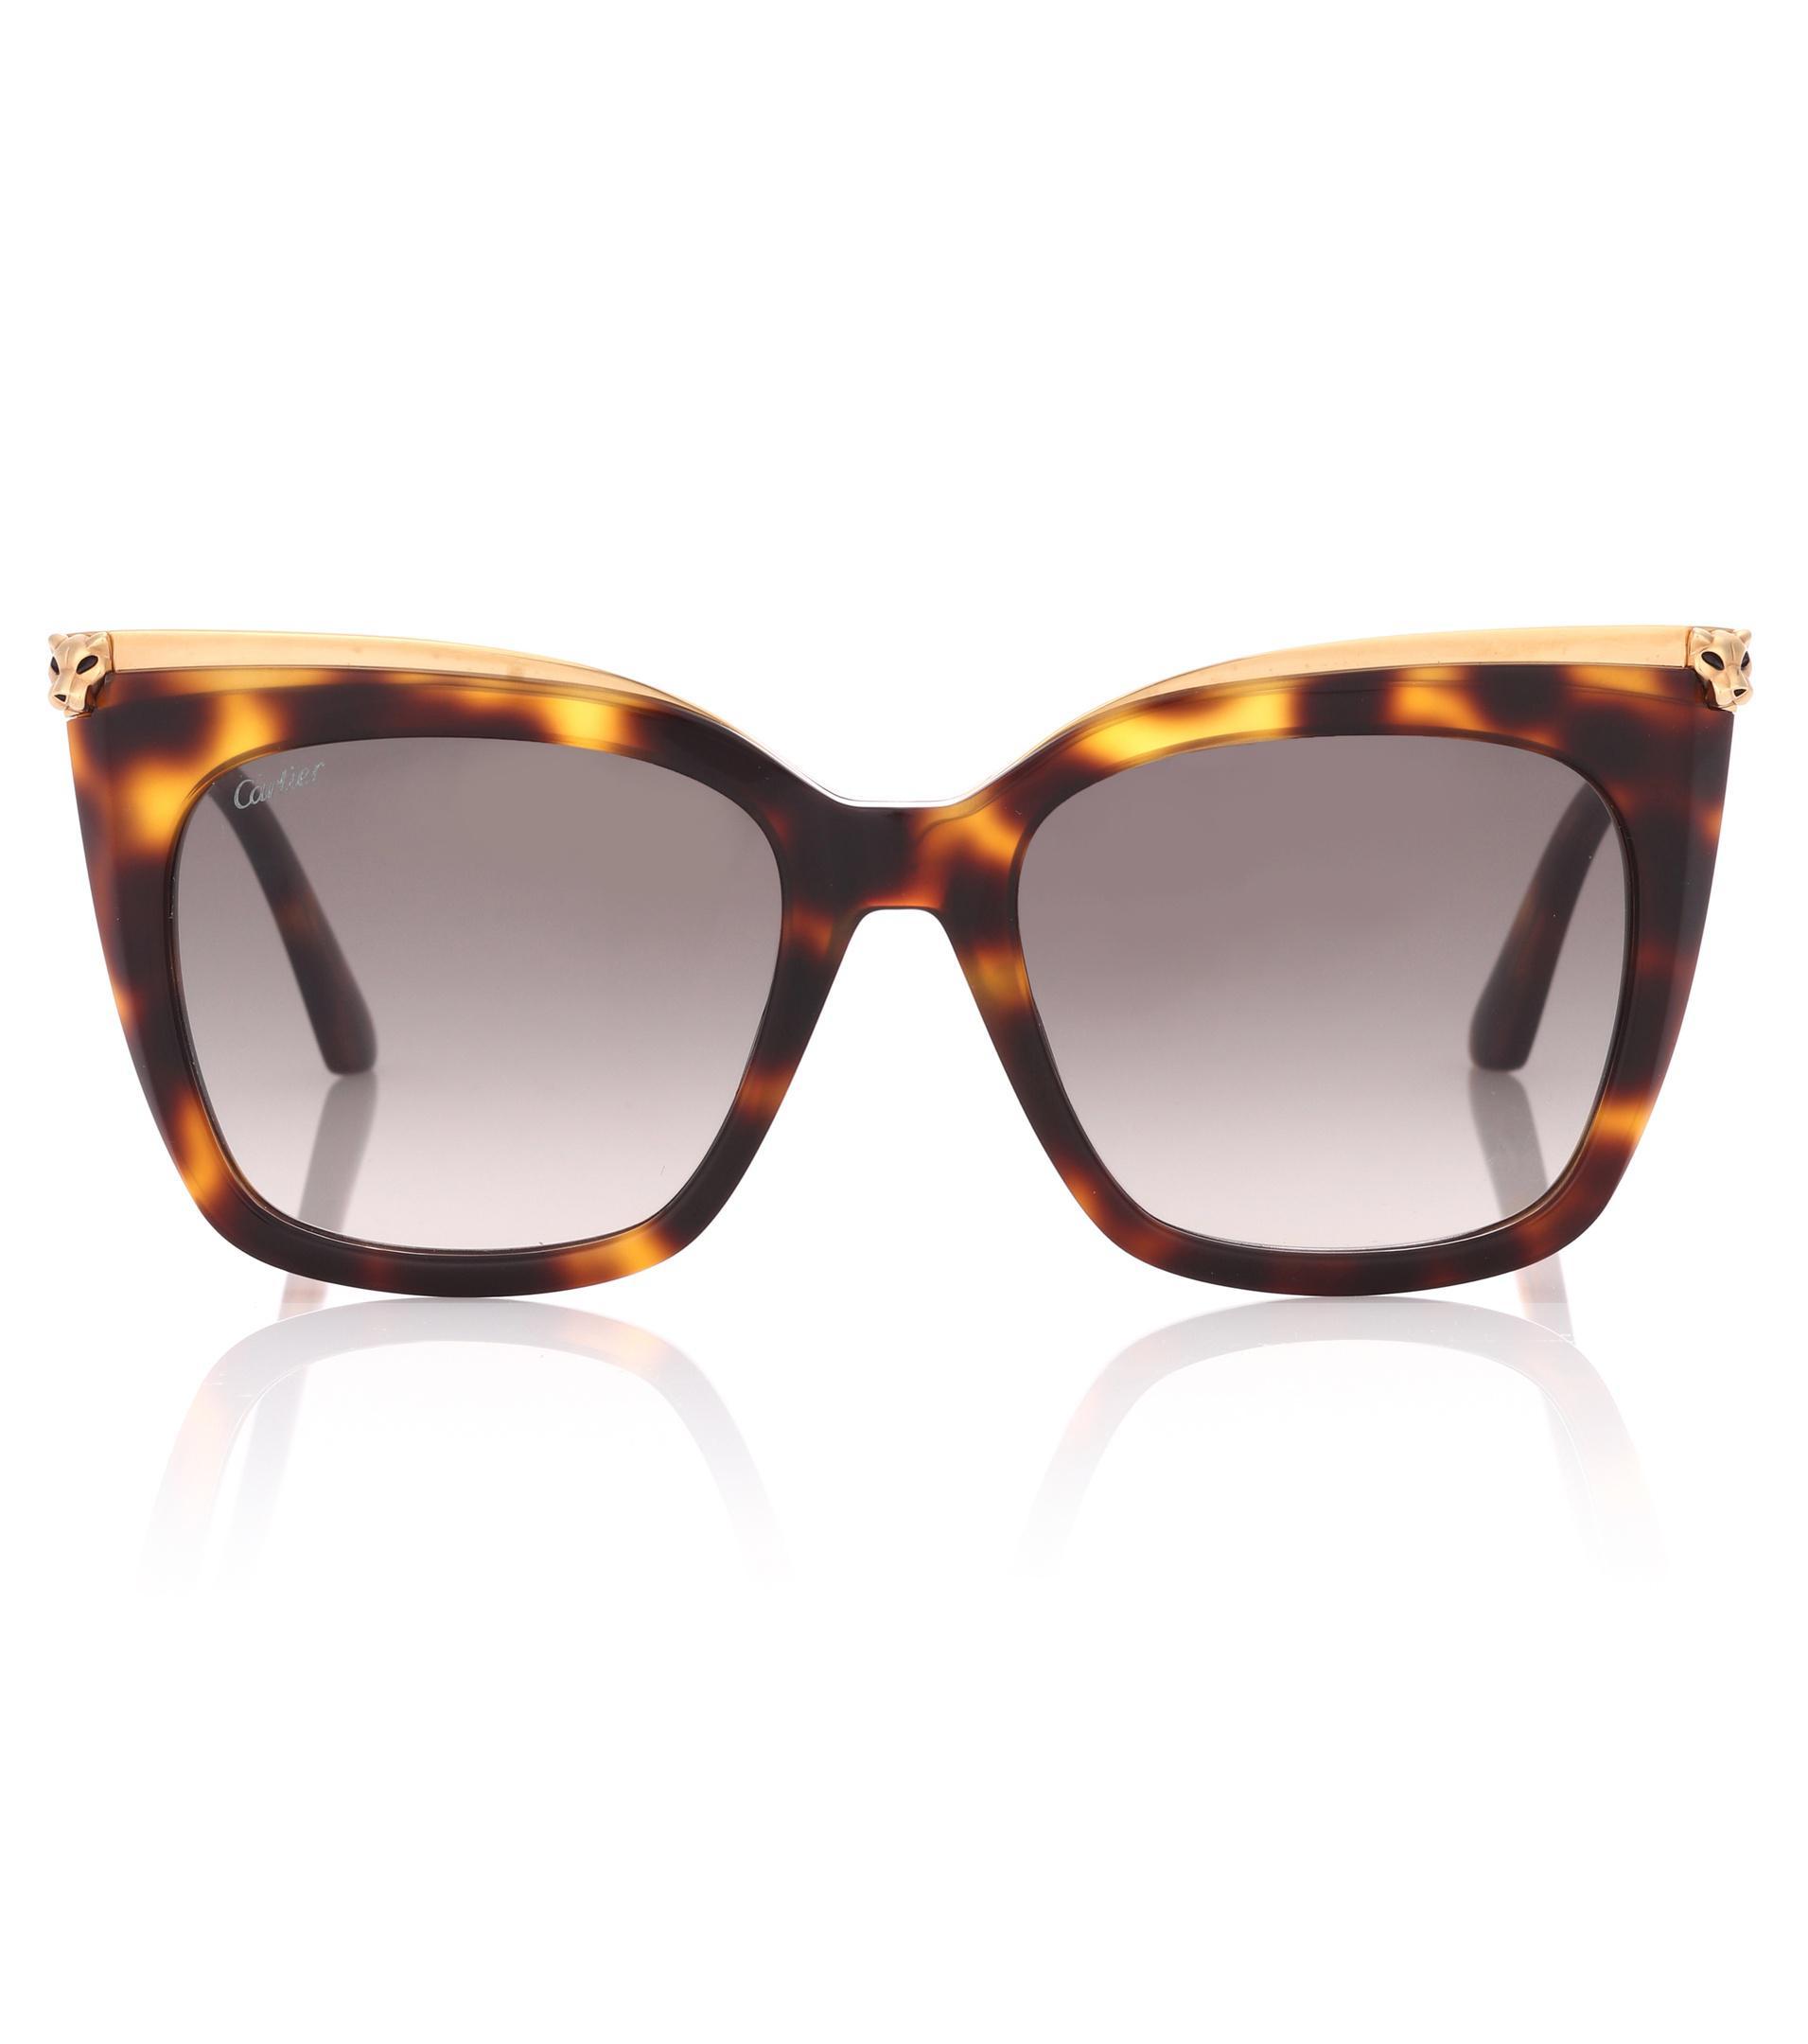 3c5a705f61 Lyst - Cartier Panthère De Cartier Square Sunglasses in Brown